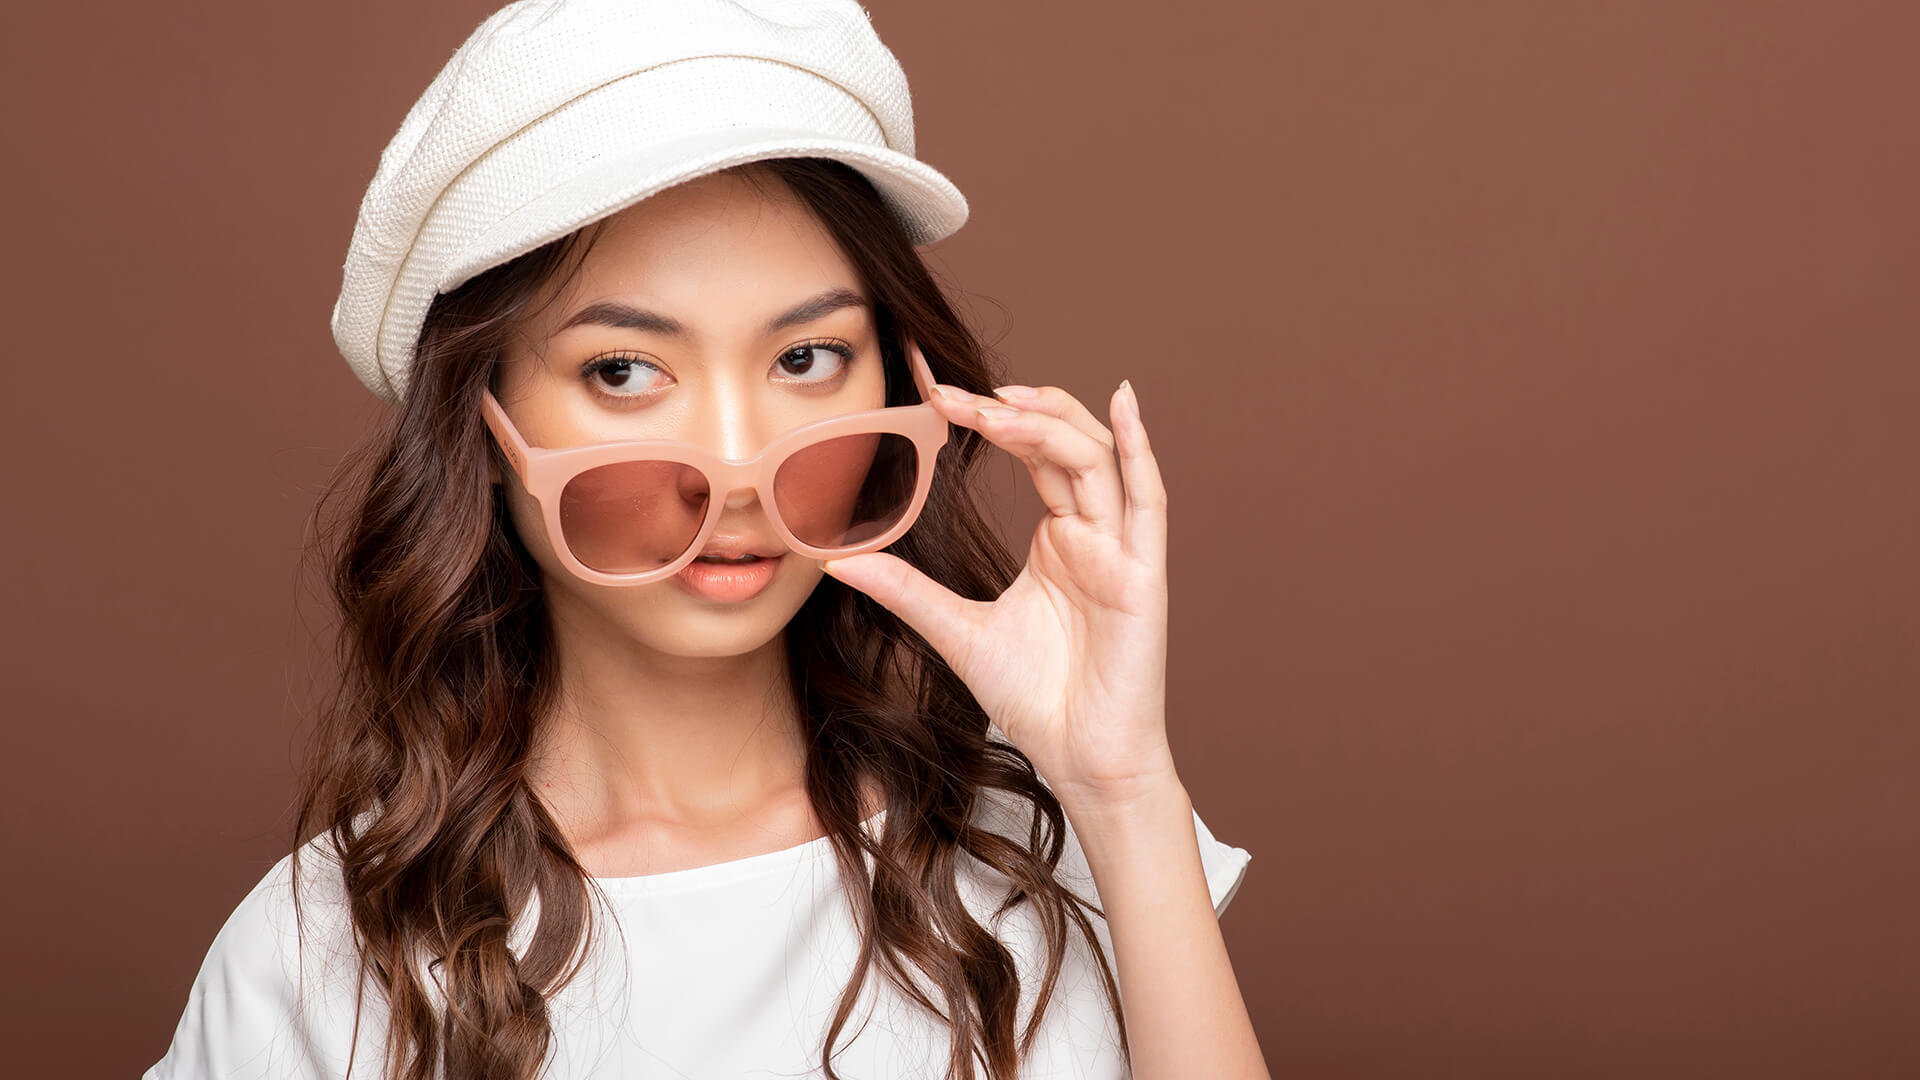 【未経験OK!】 45078 カジュアルファッションブランドの生産管理スタッフのカバー写真